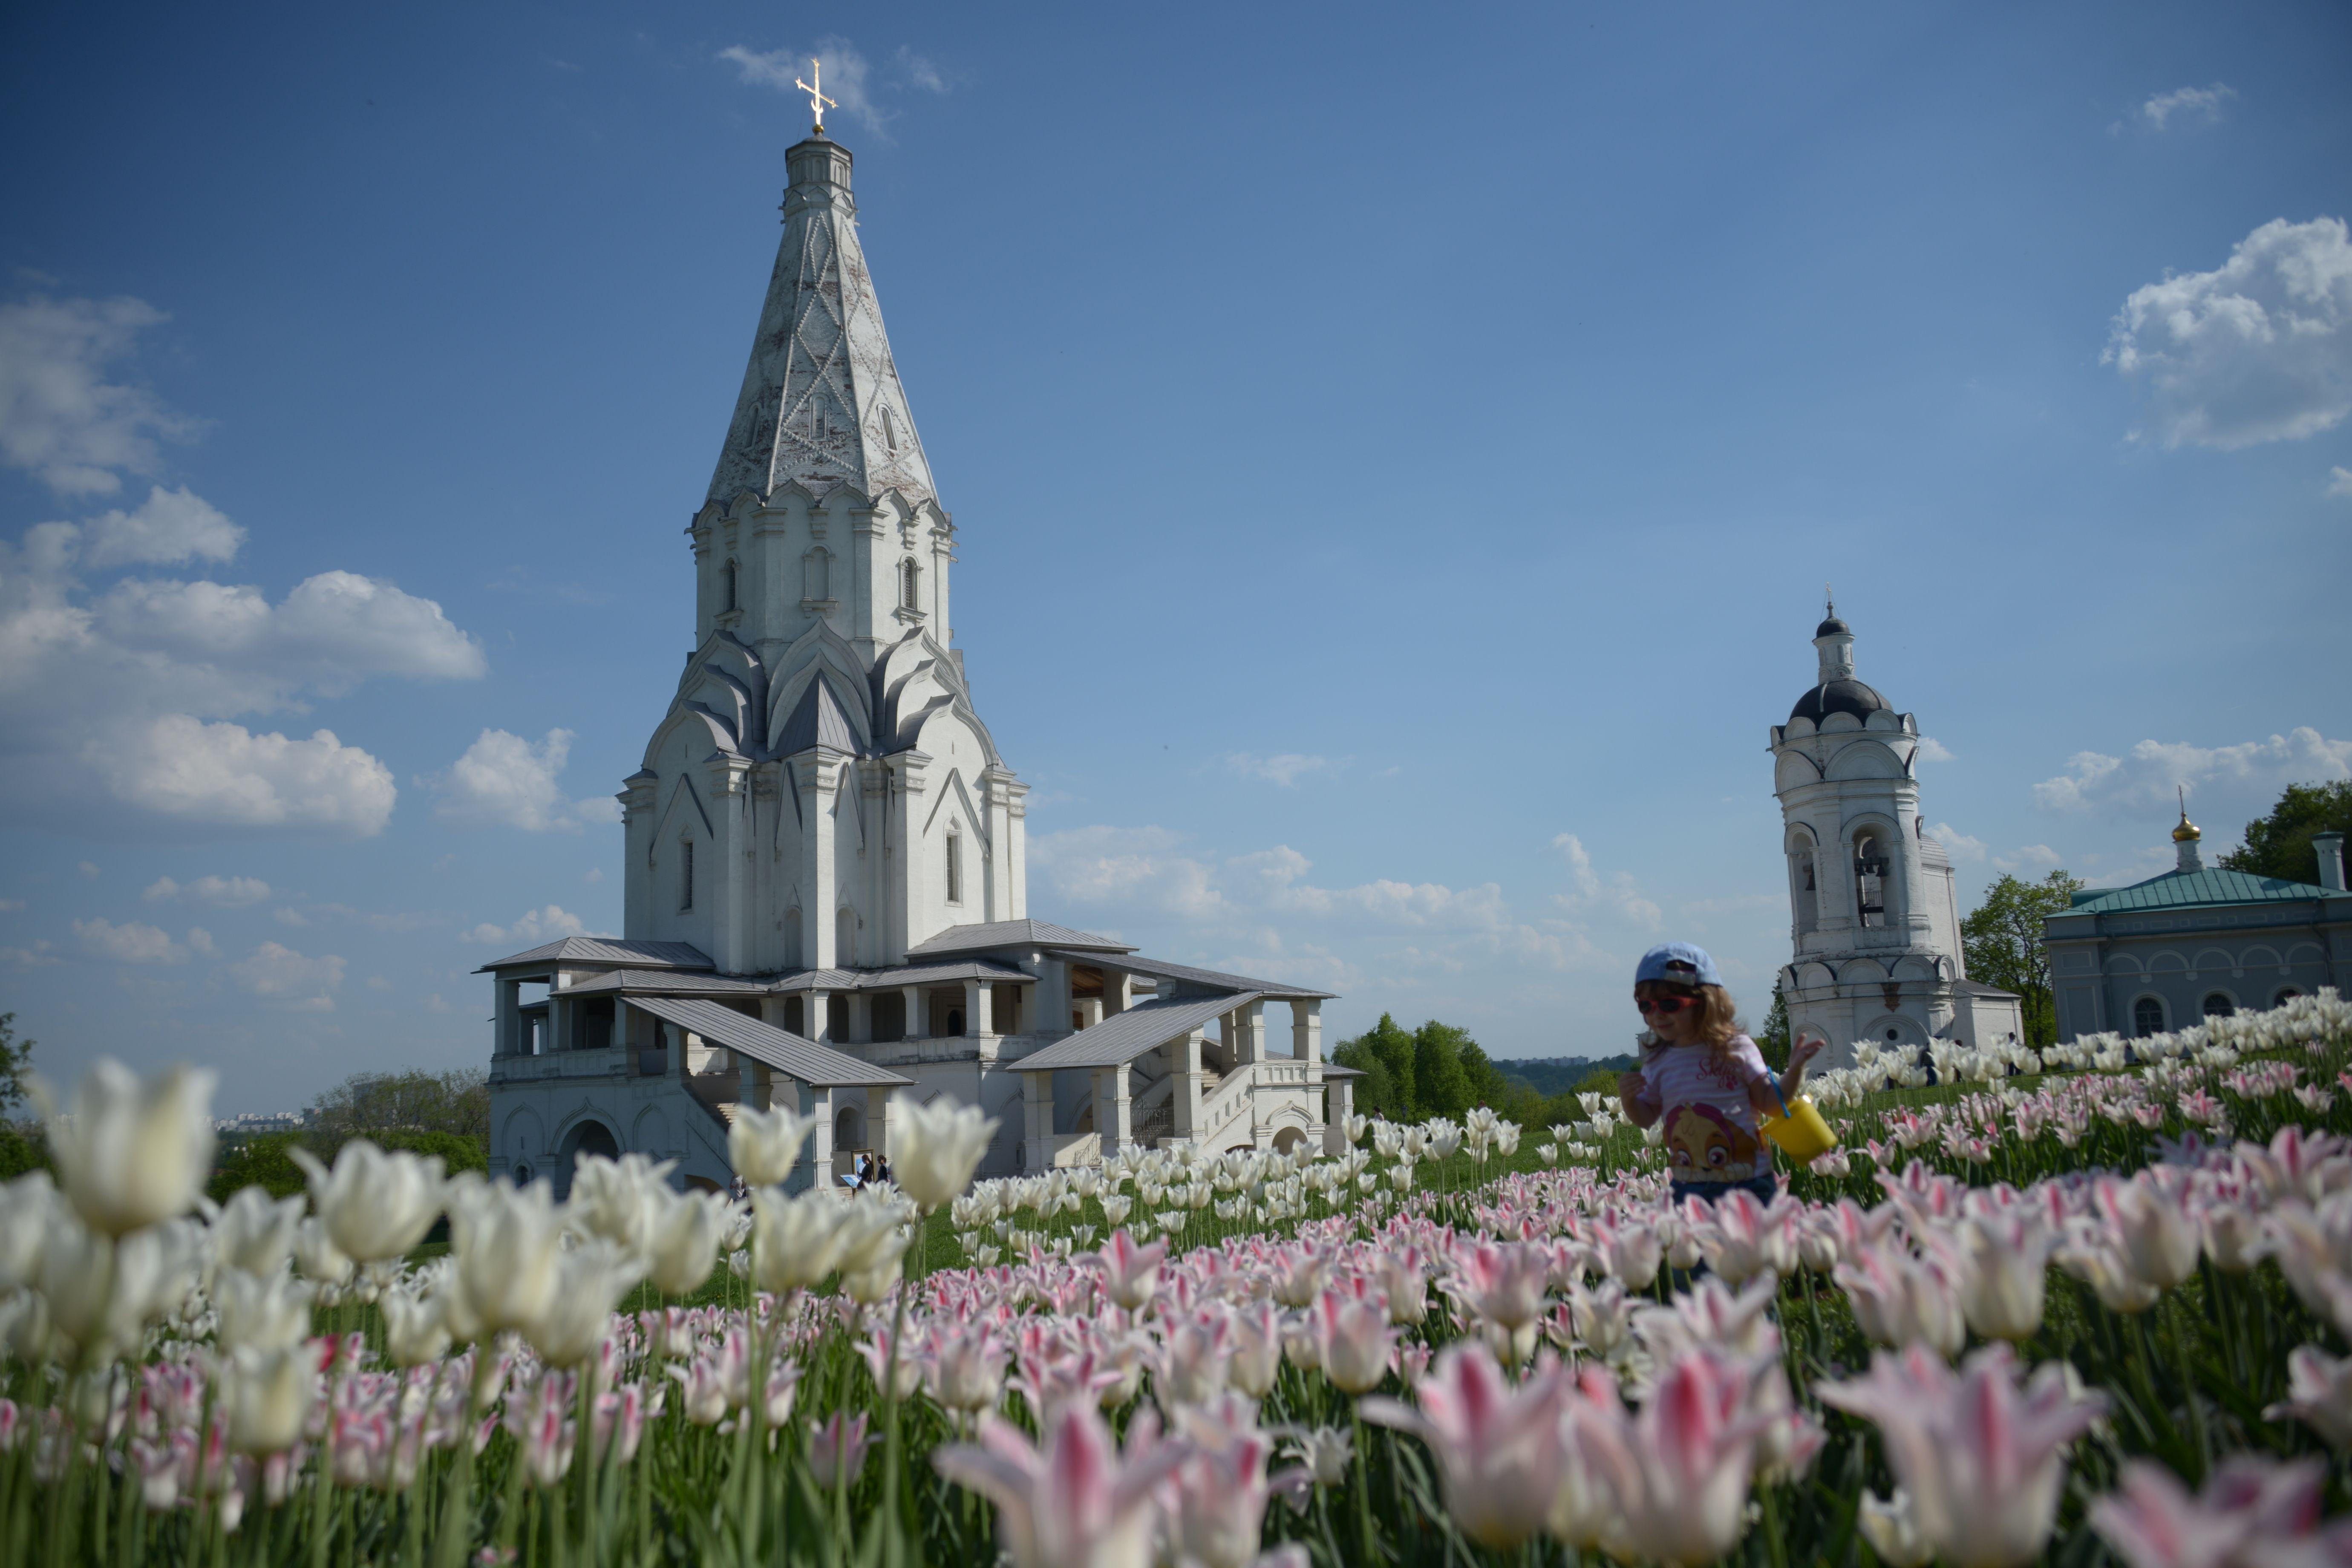 Фестиваль «Николин день» проходит на восьми площадках столицы. Фото: Наталья Феоктистова, «Вечерняя Москва»